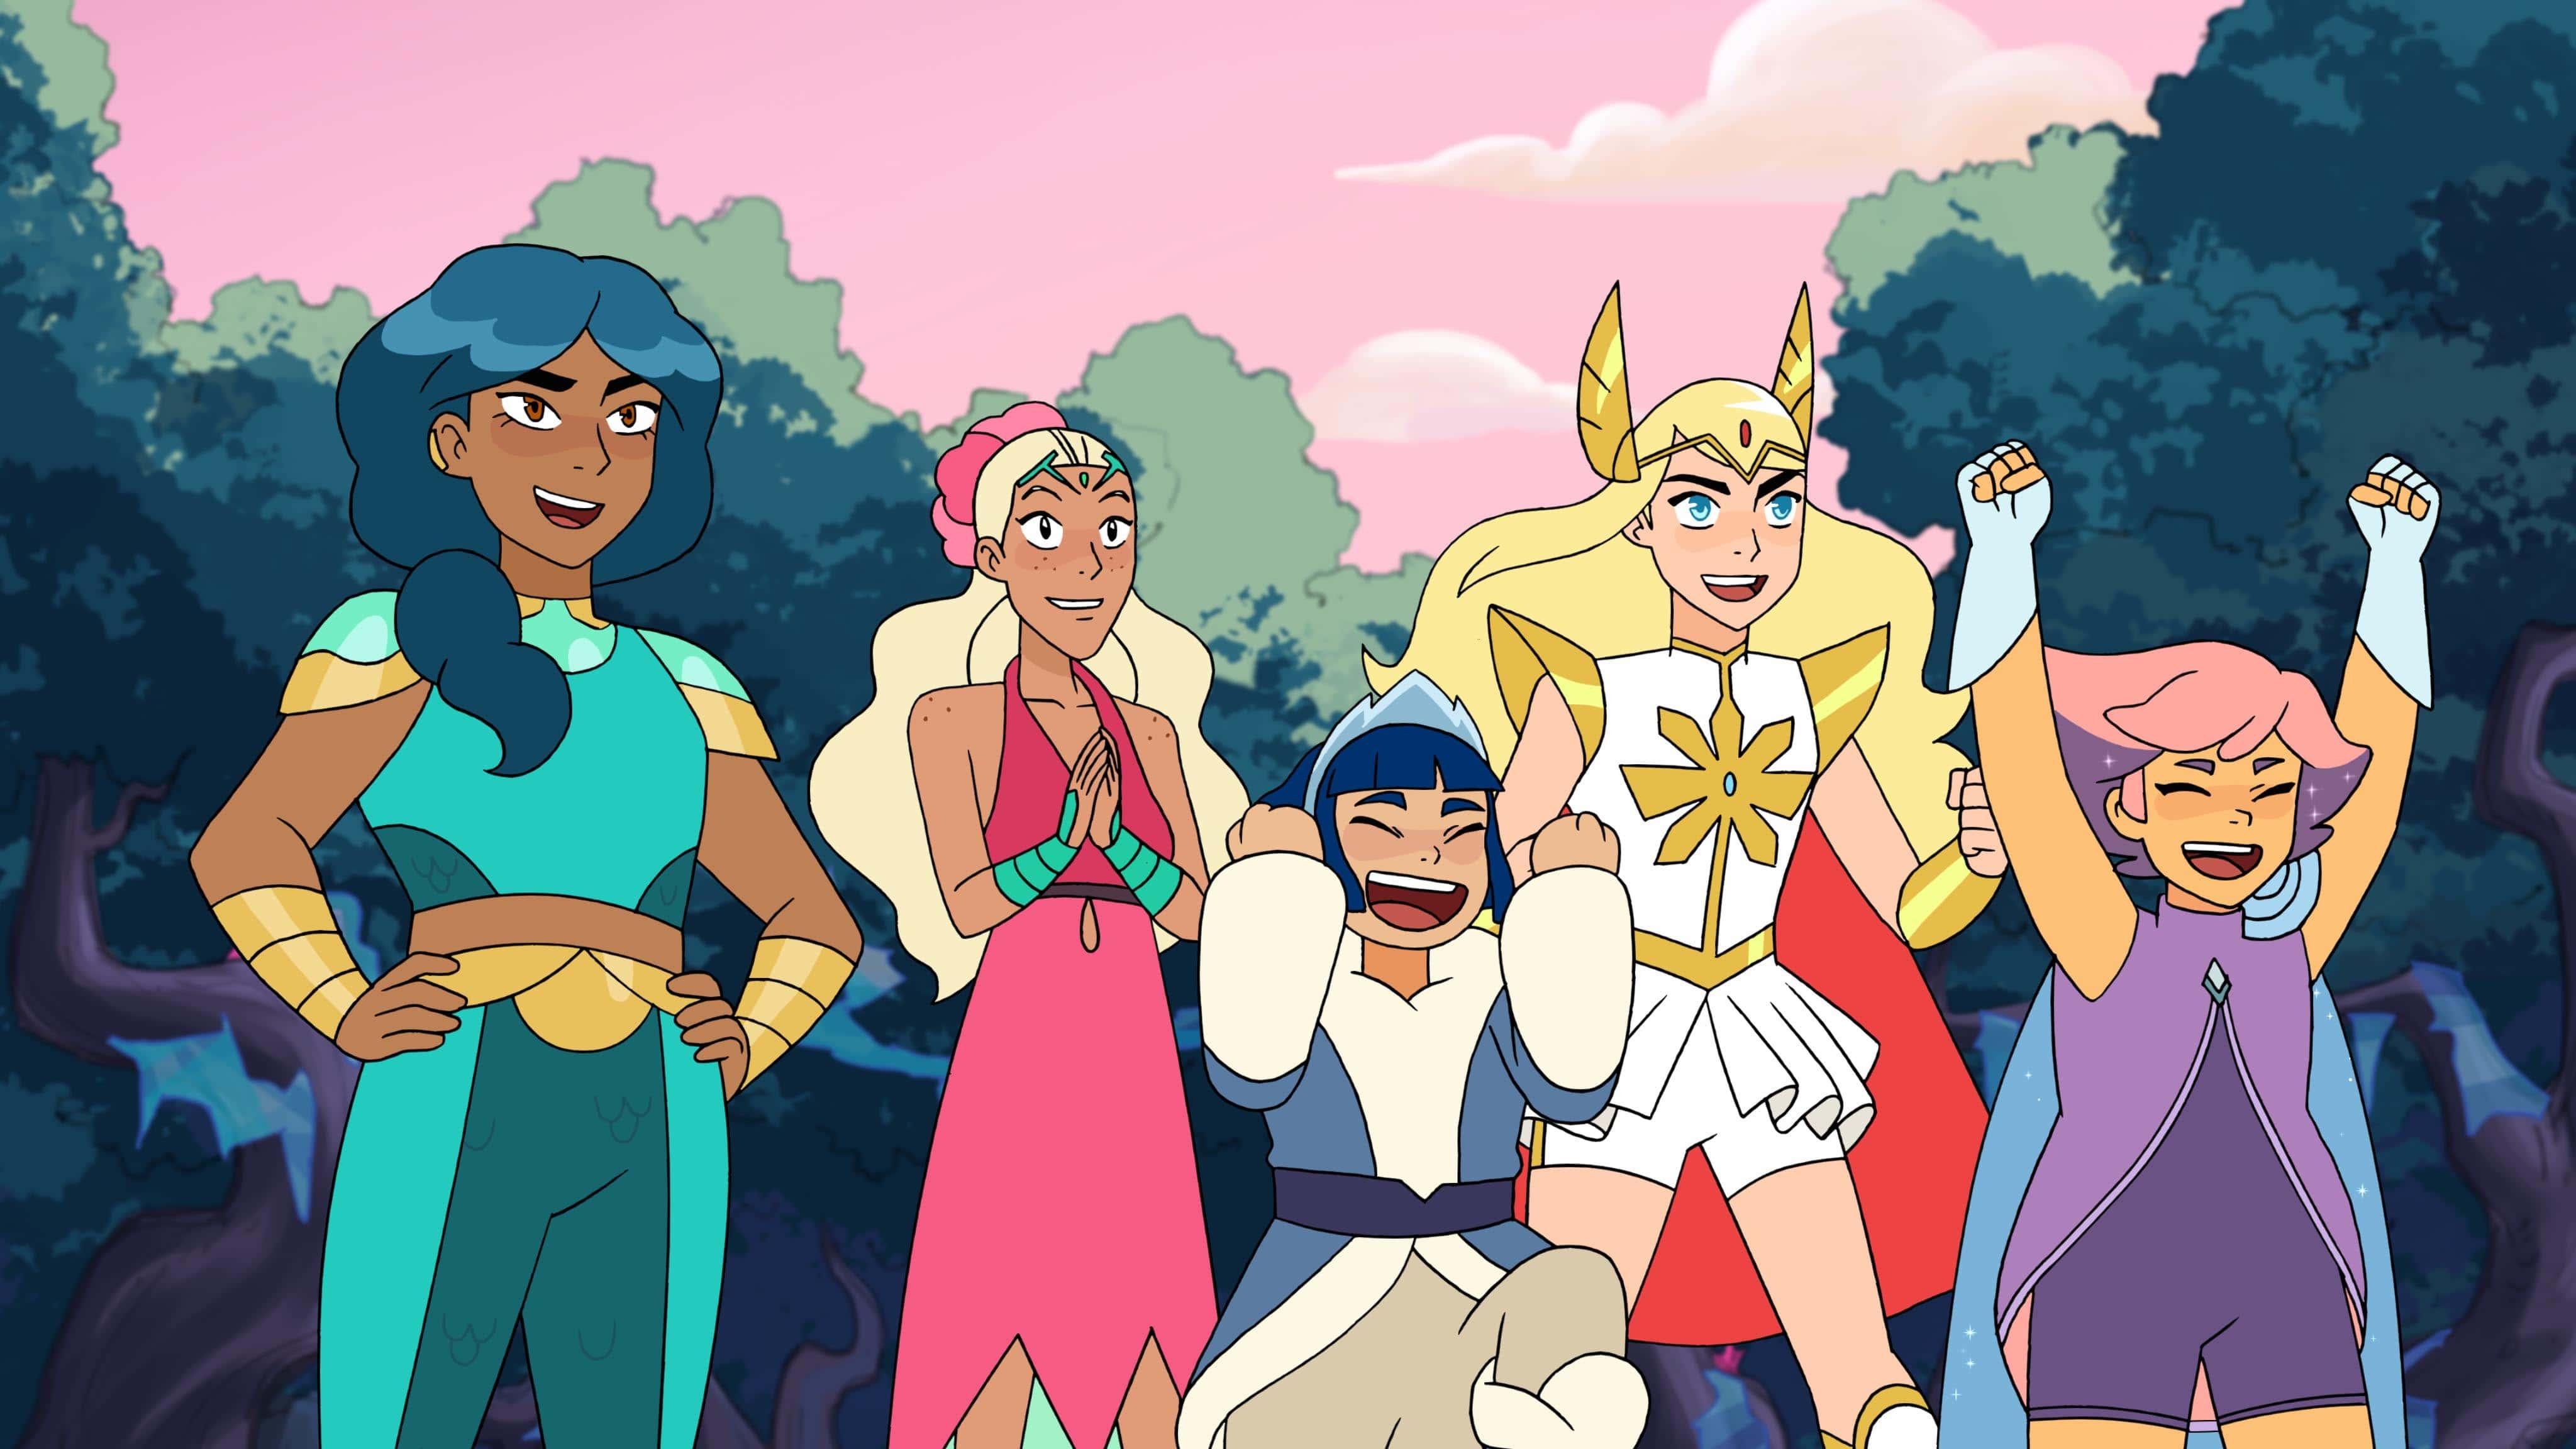 She-Ra and the Princess of Power Season 2